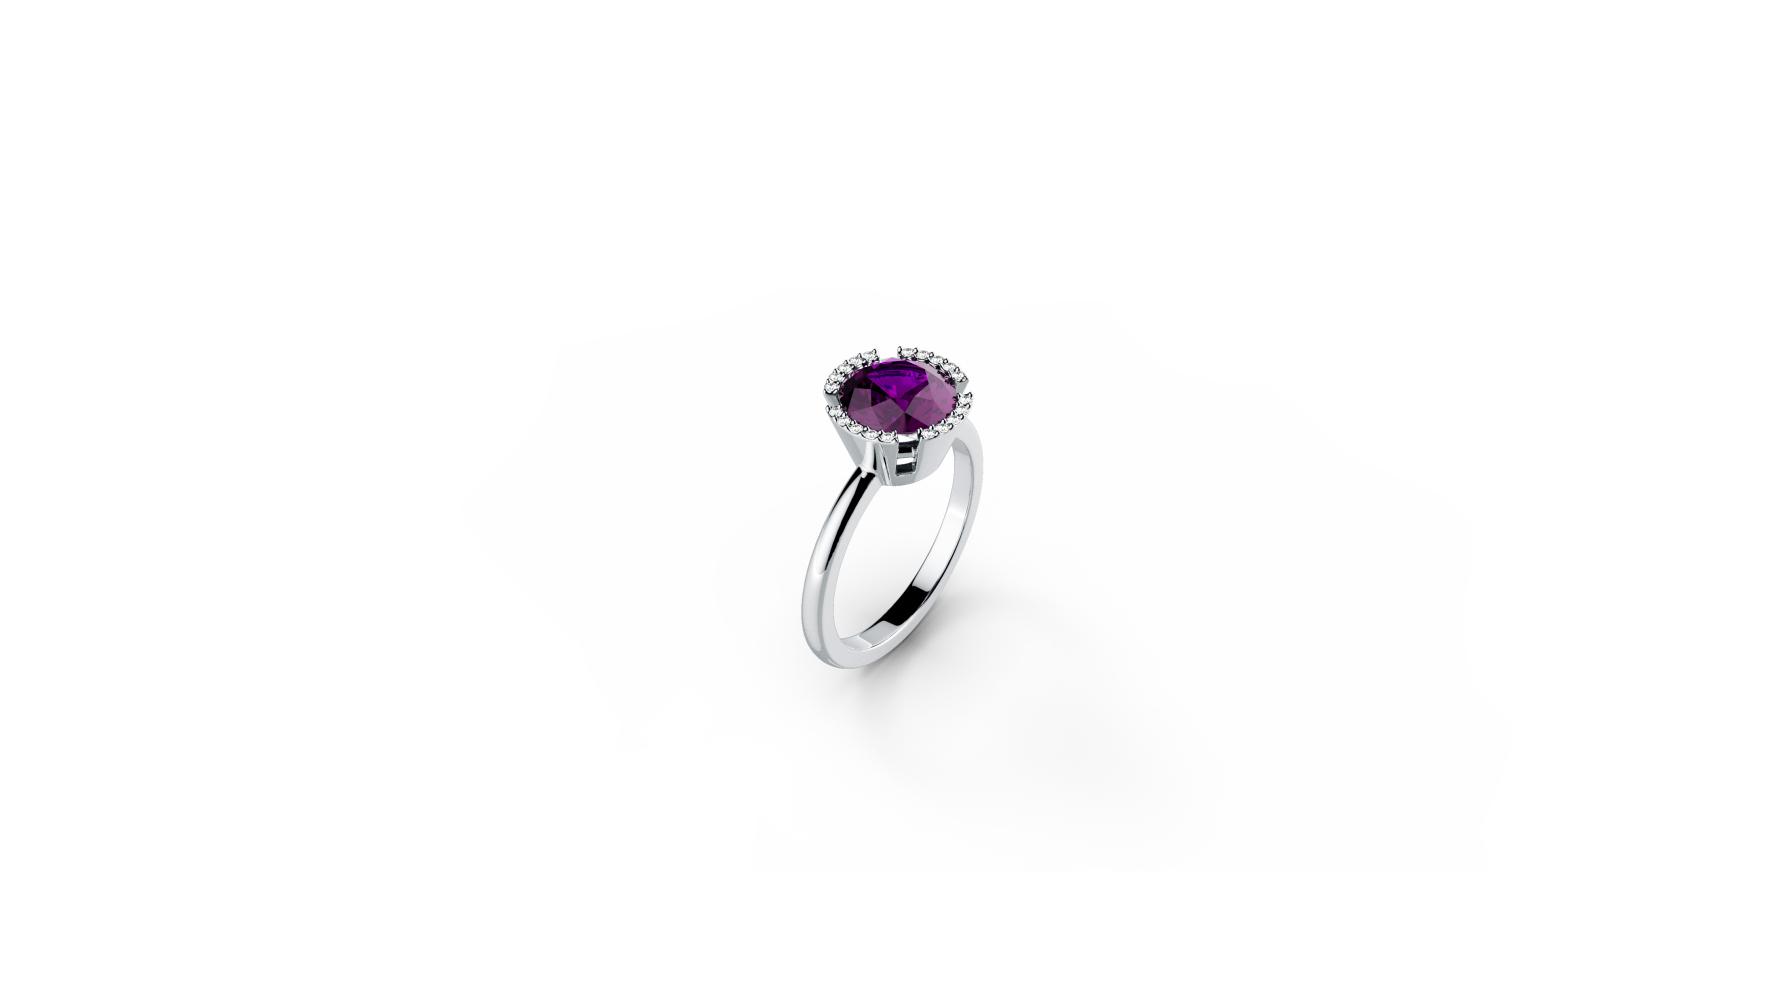 Zlatni prsten s briljantima i ametistom_Zaks_ 5.625,00 kn